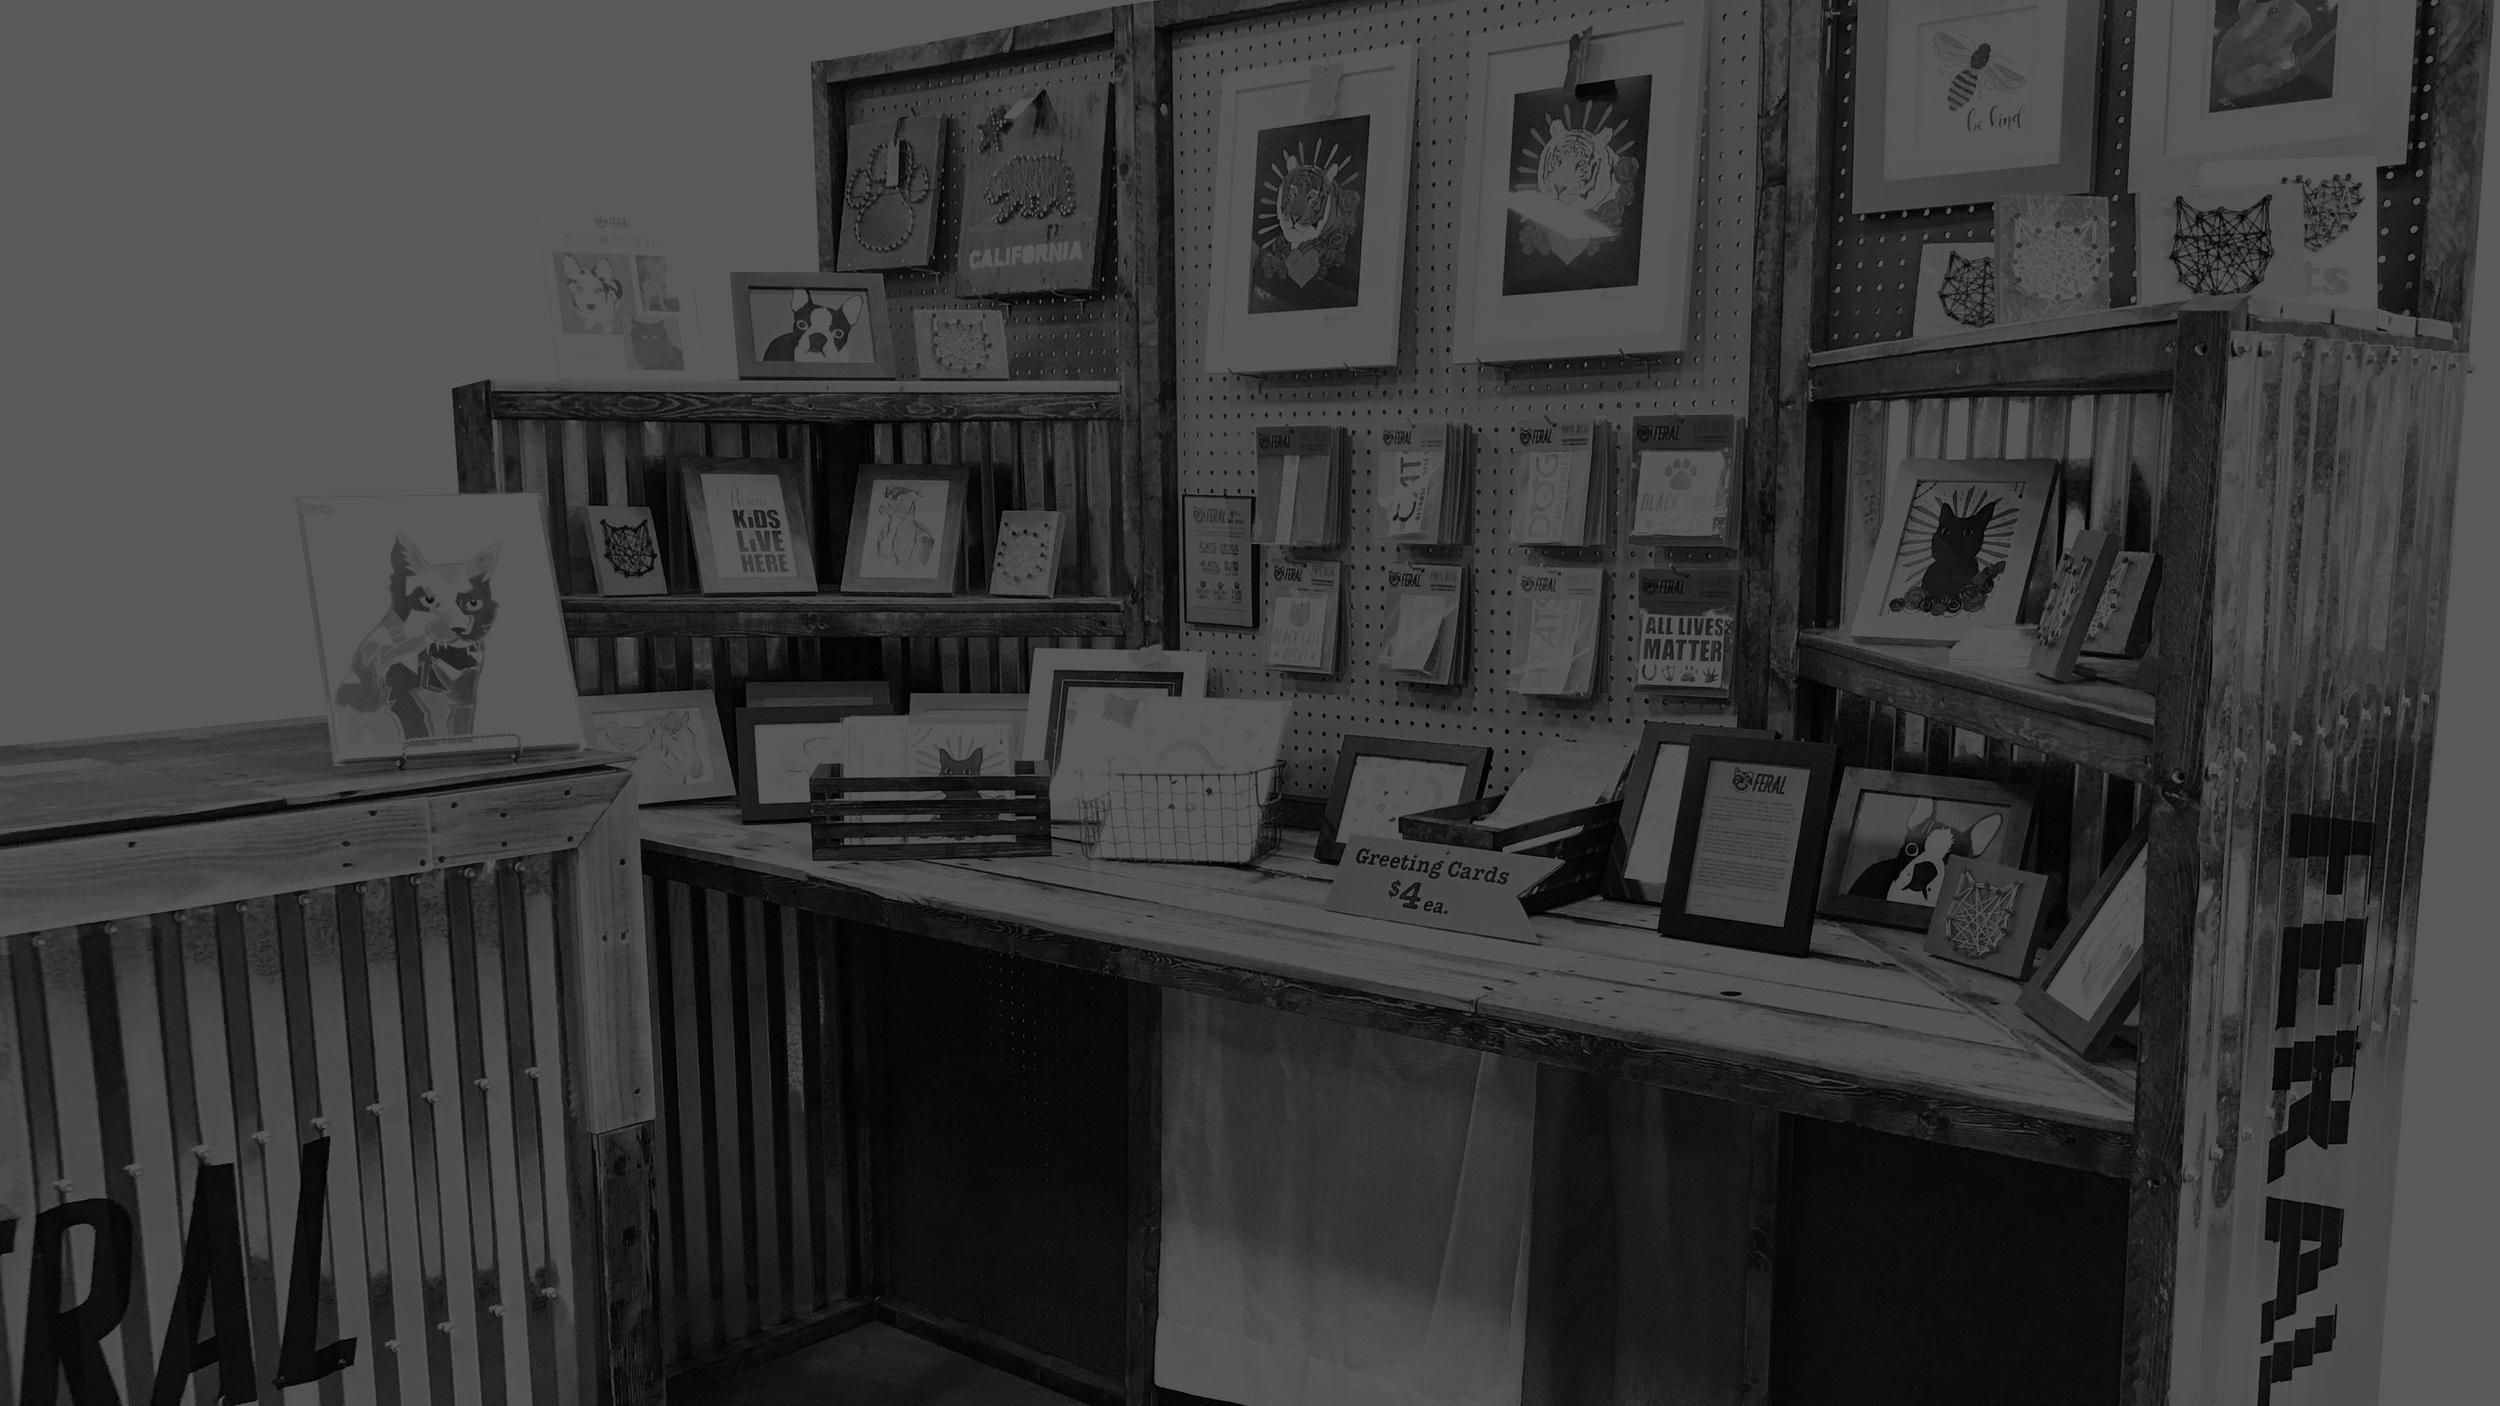 booth-setup.jpg